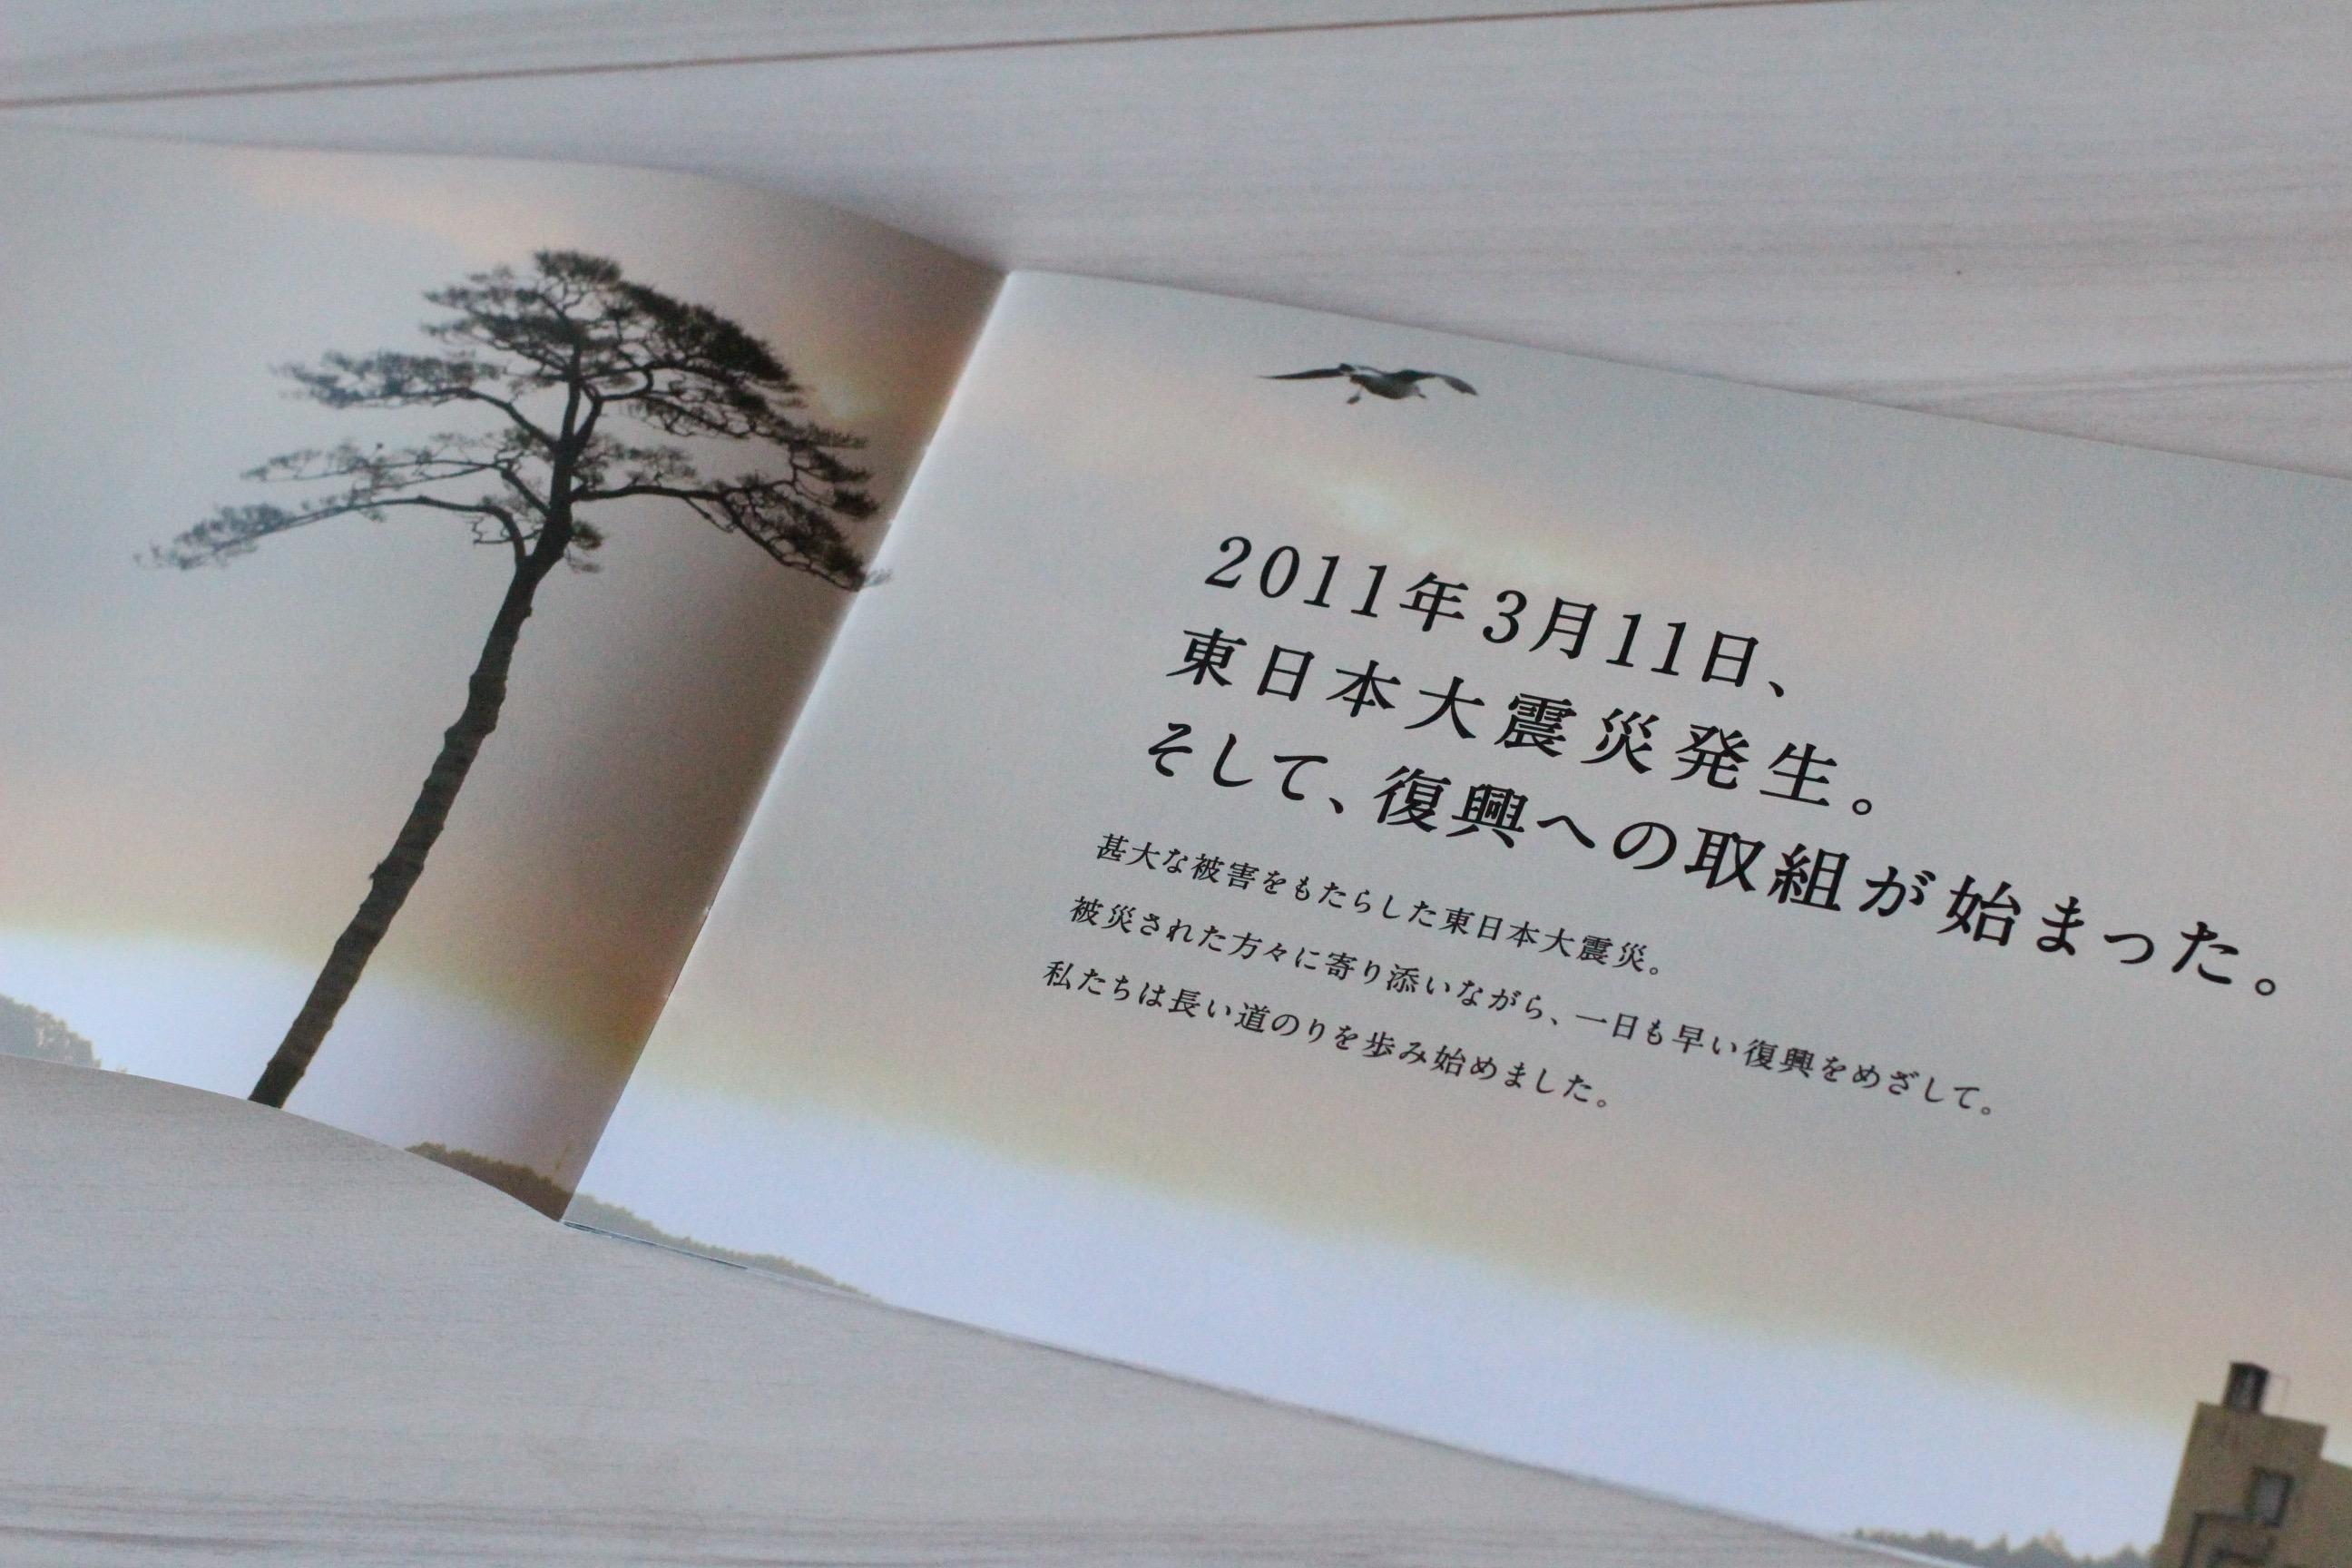 震災復興パンフレット見開きデザイン